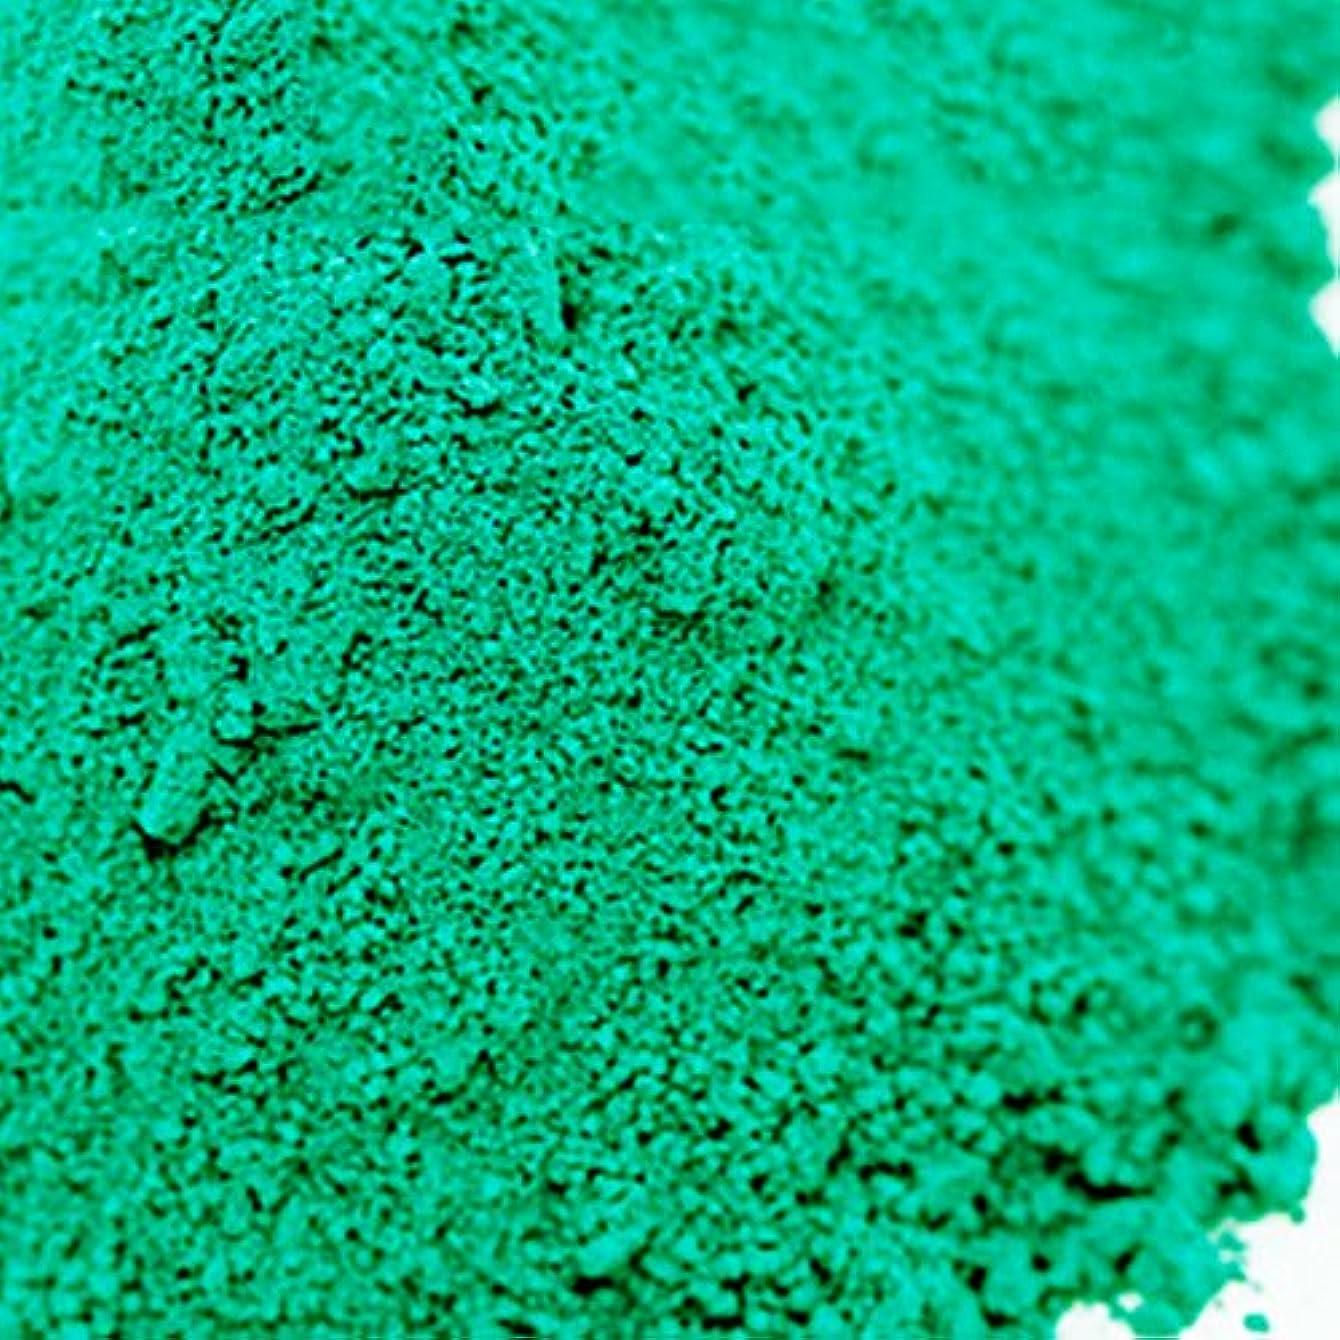 騒々しい重さ政令水酸化クロム グリーン 20g 【手作り石鹸/手作りコスメ/色付け/カラーラント/緑】